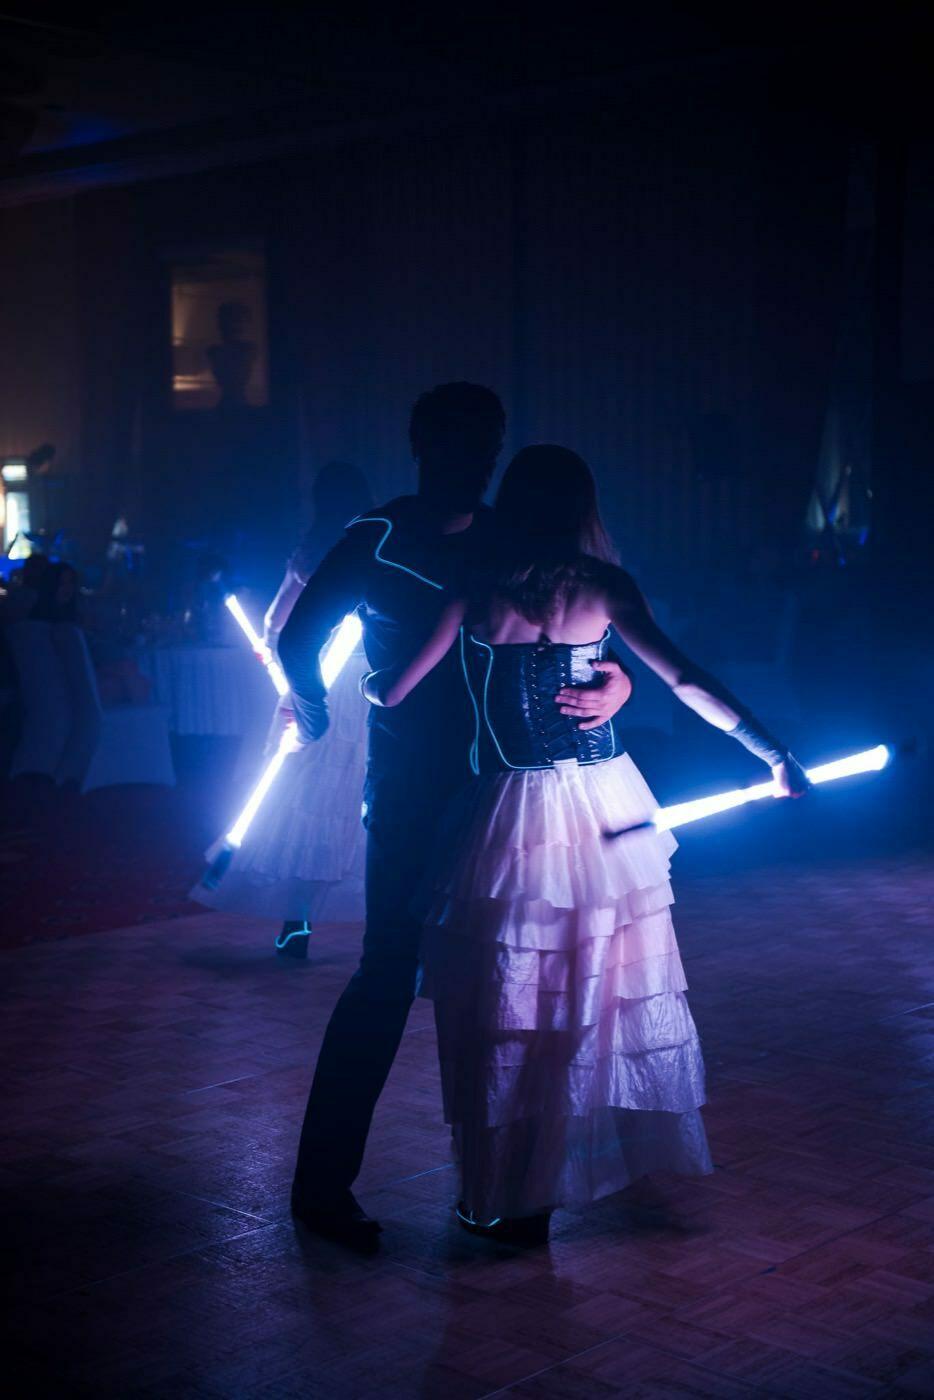 Pokaz świateł i tańca fotografia eventowa